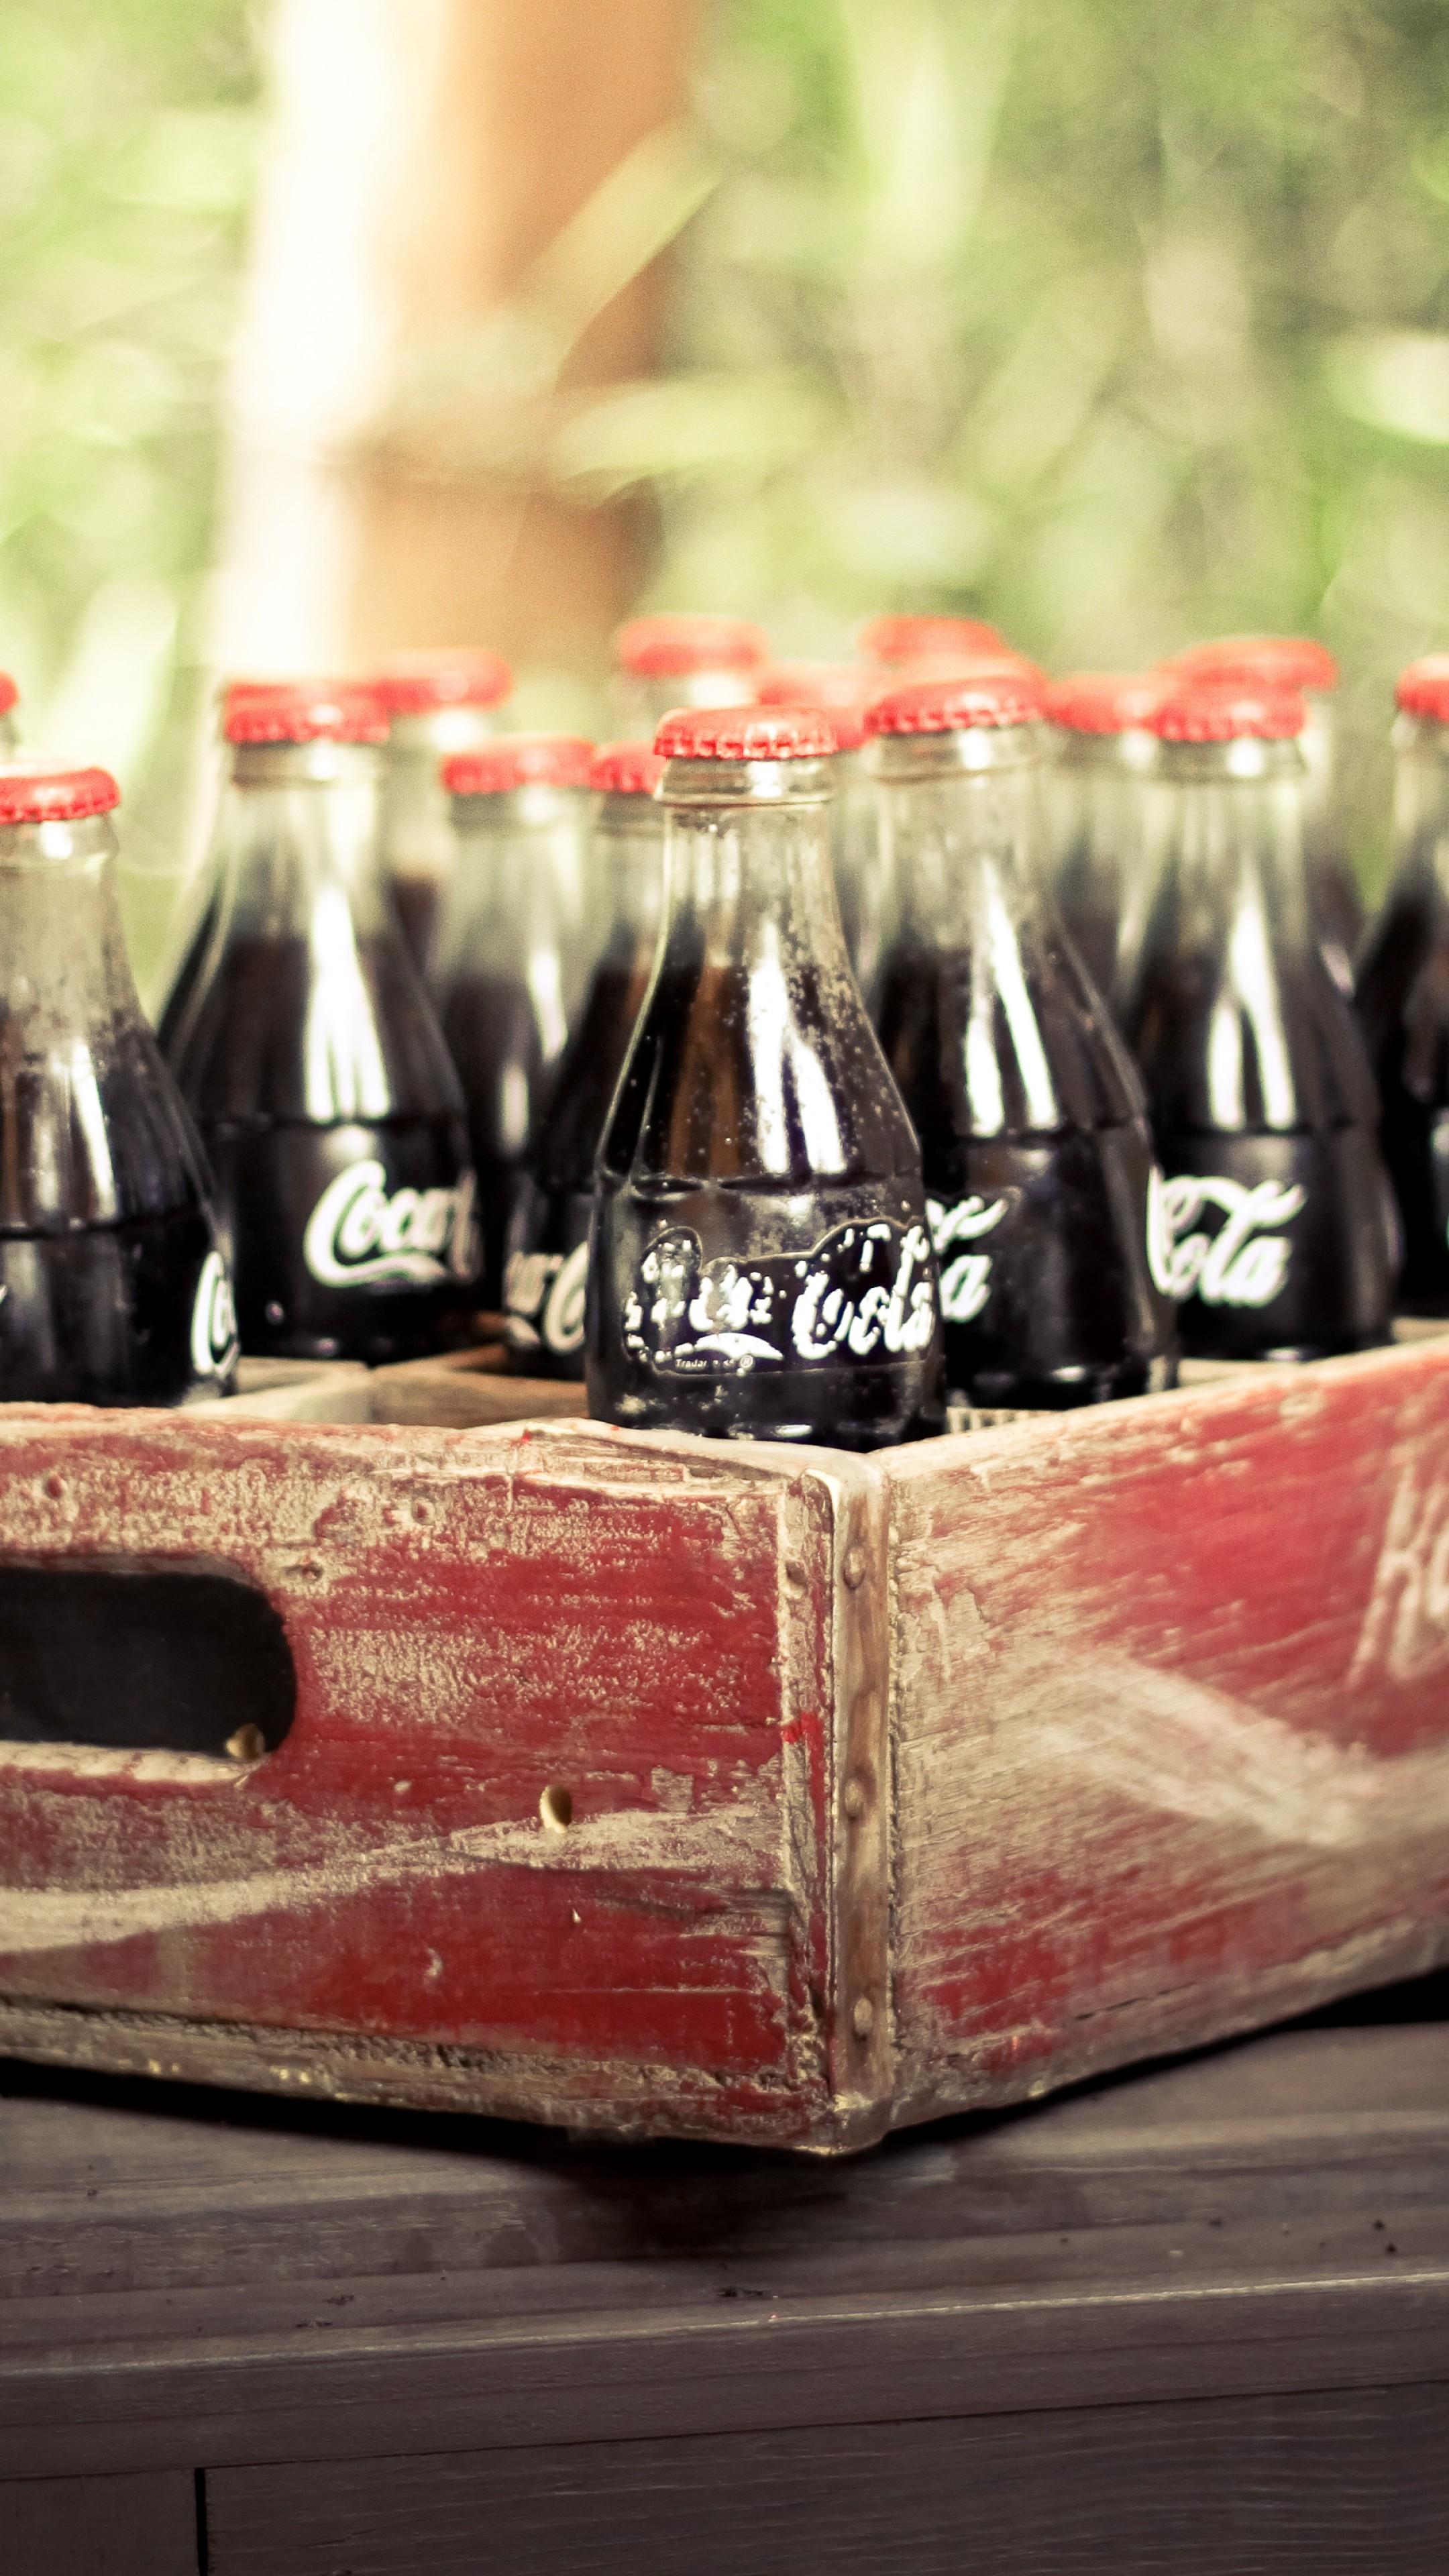 Suga Quotes Wallpaper Wallpaper Coca Cola Drink Soda Box Vintage Retro